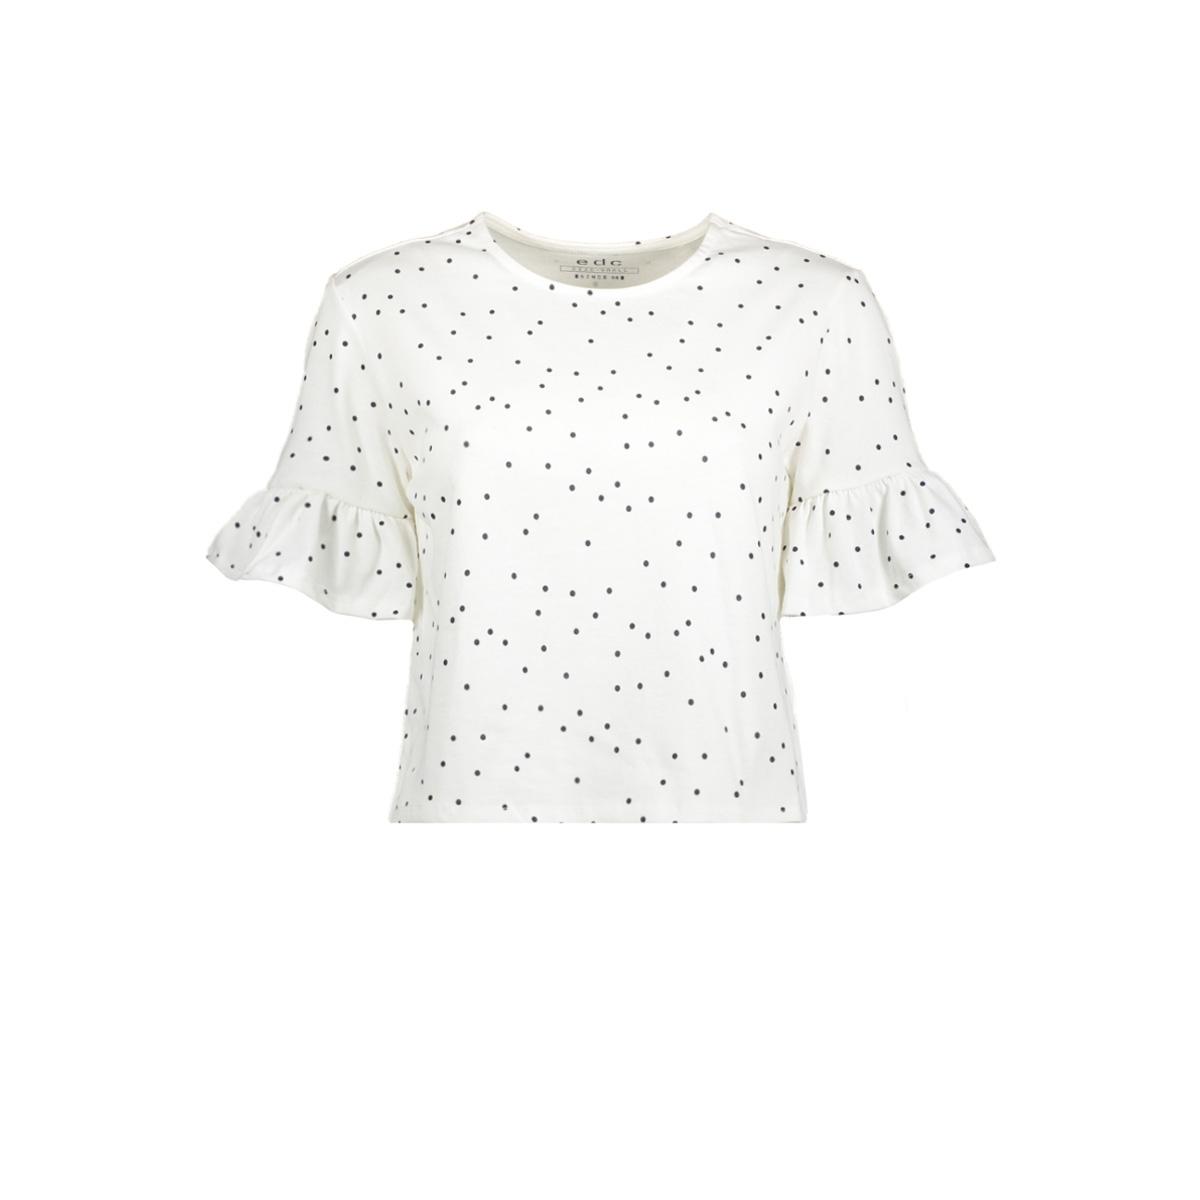 087cc1k085 edc t-shirt c110